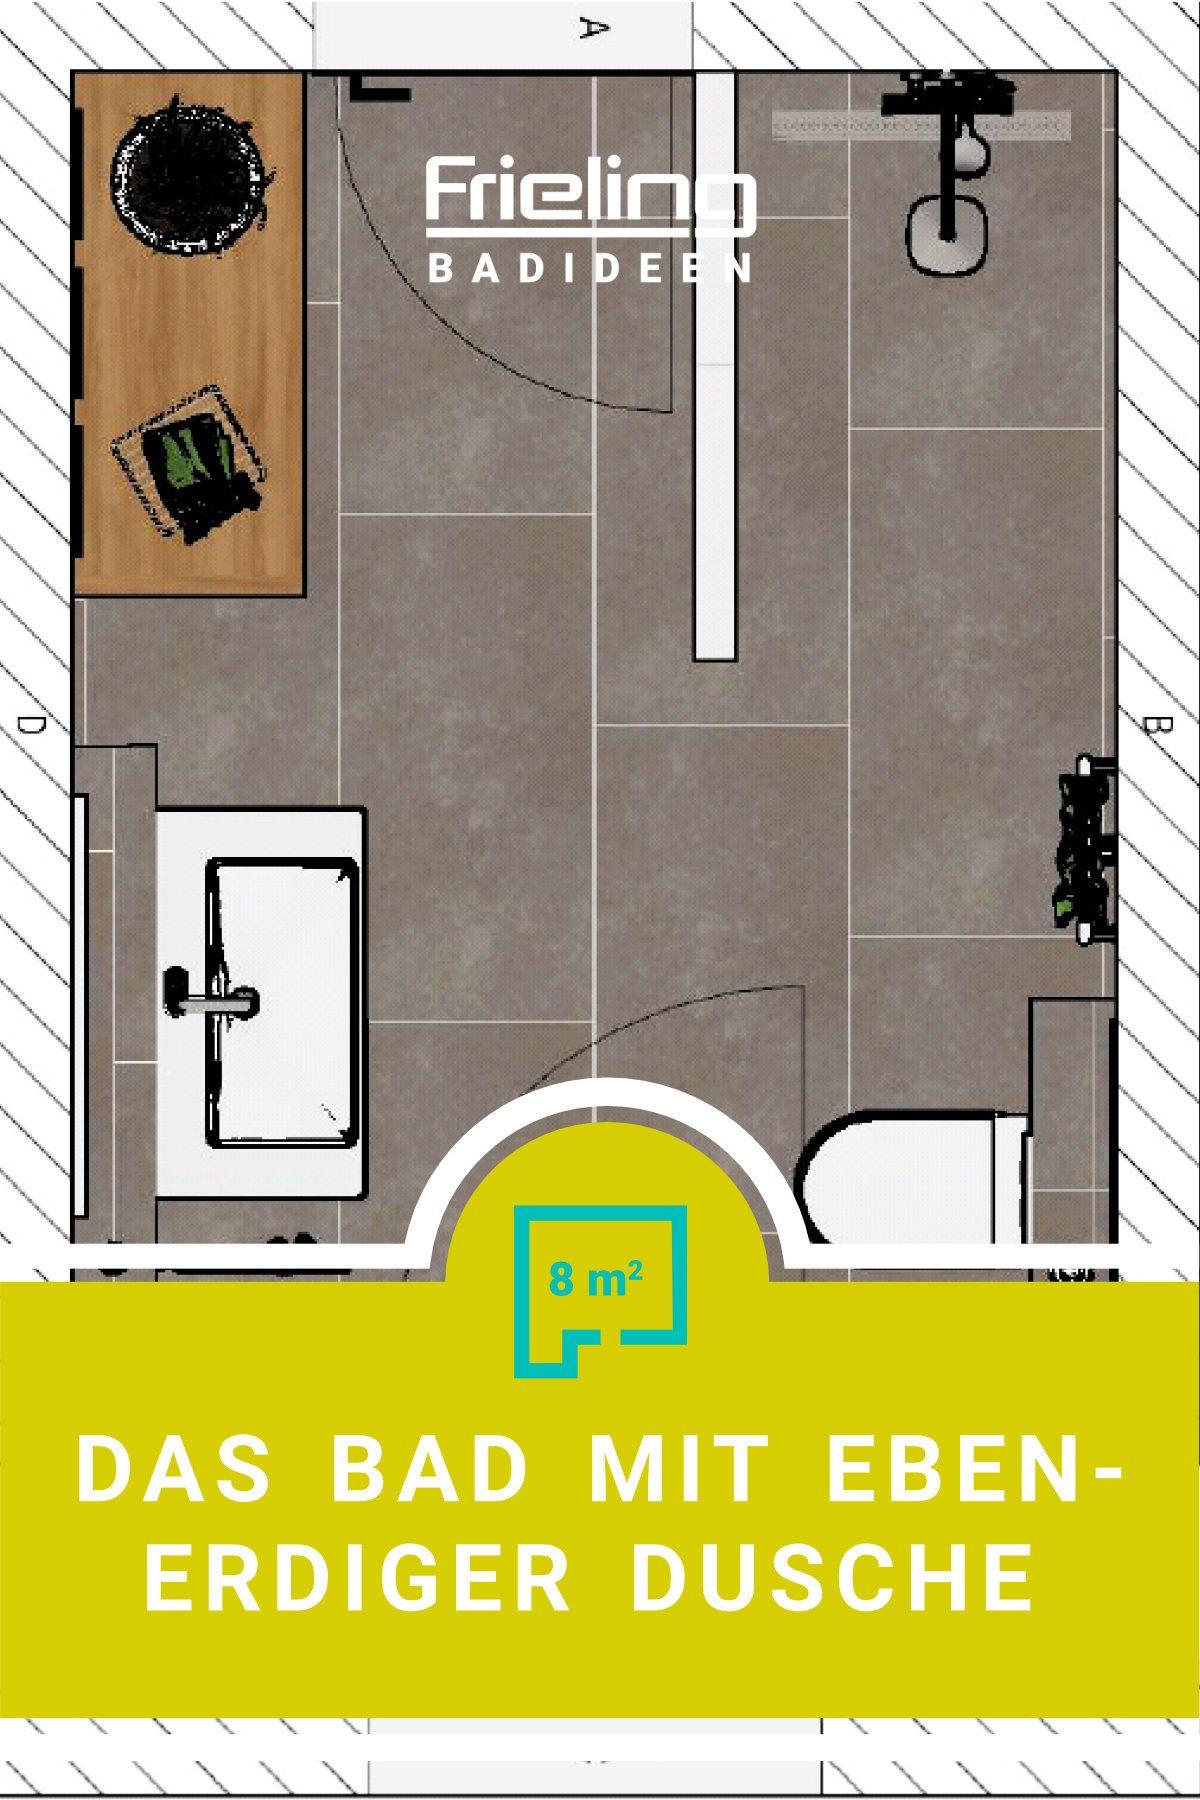 Das Bad mit ebenerdiger Dusche   klein, fein & barrierefrei ...